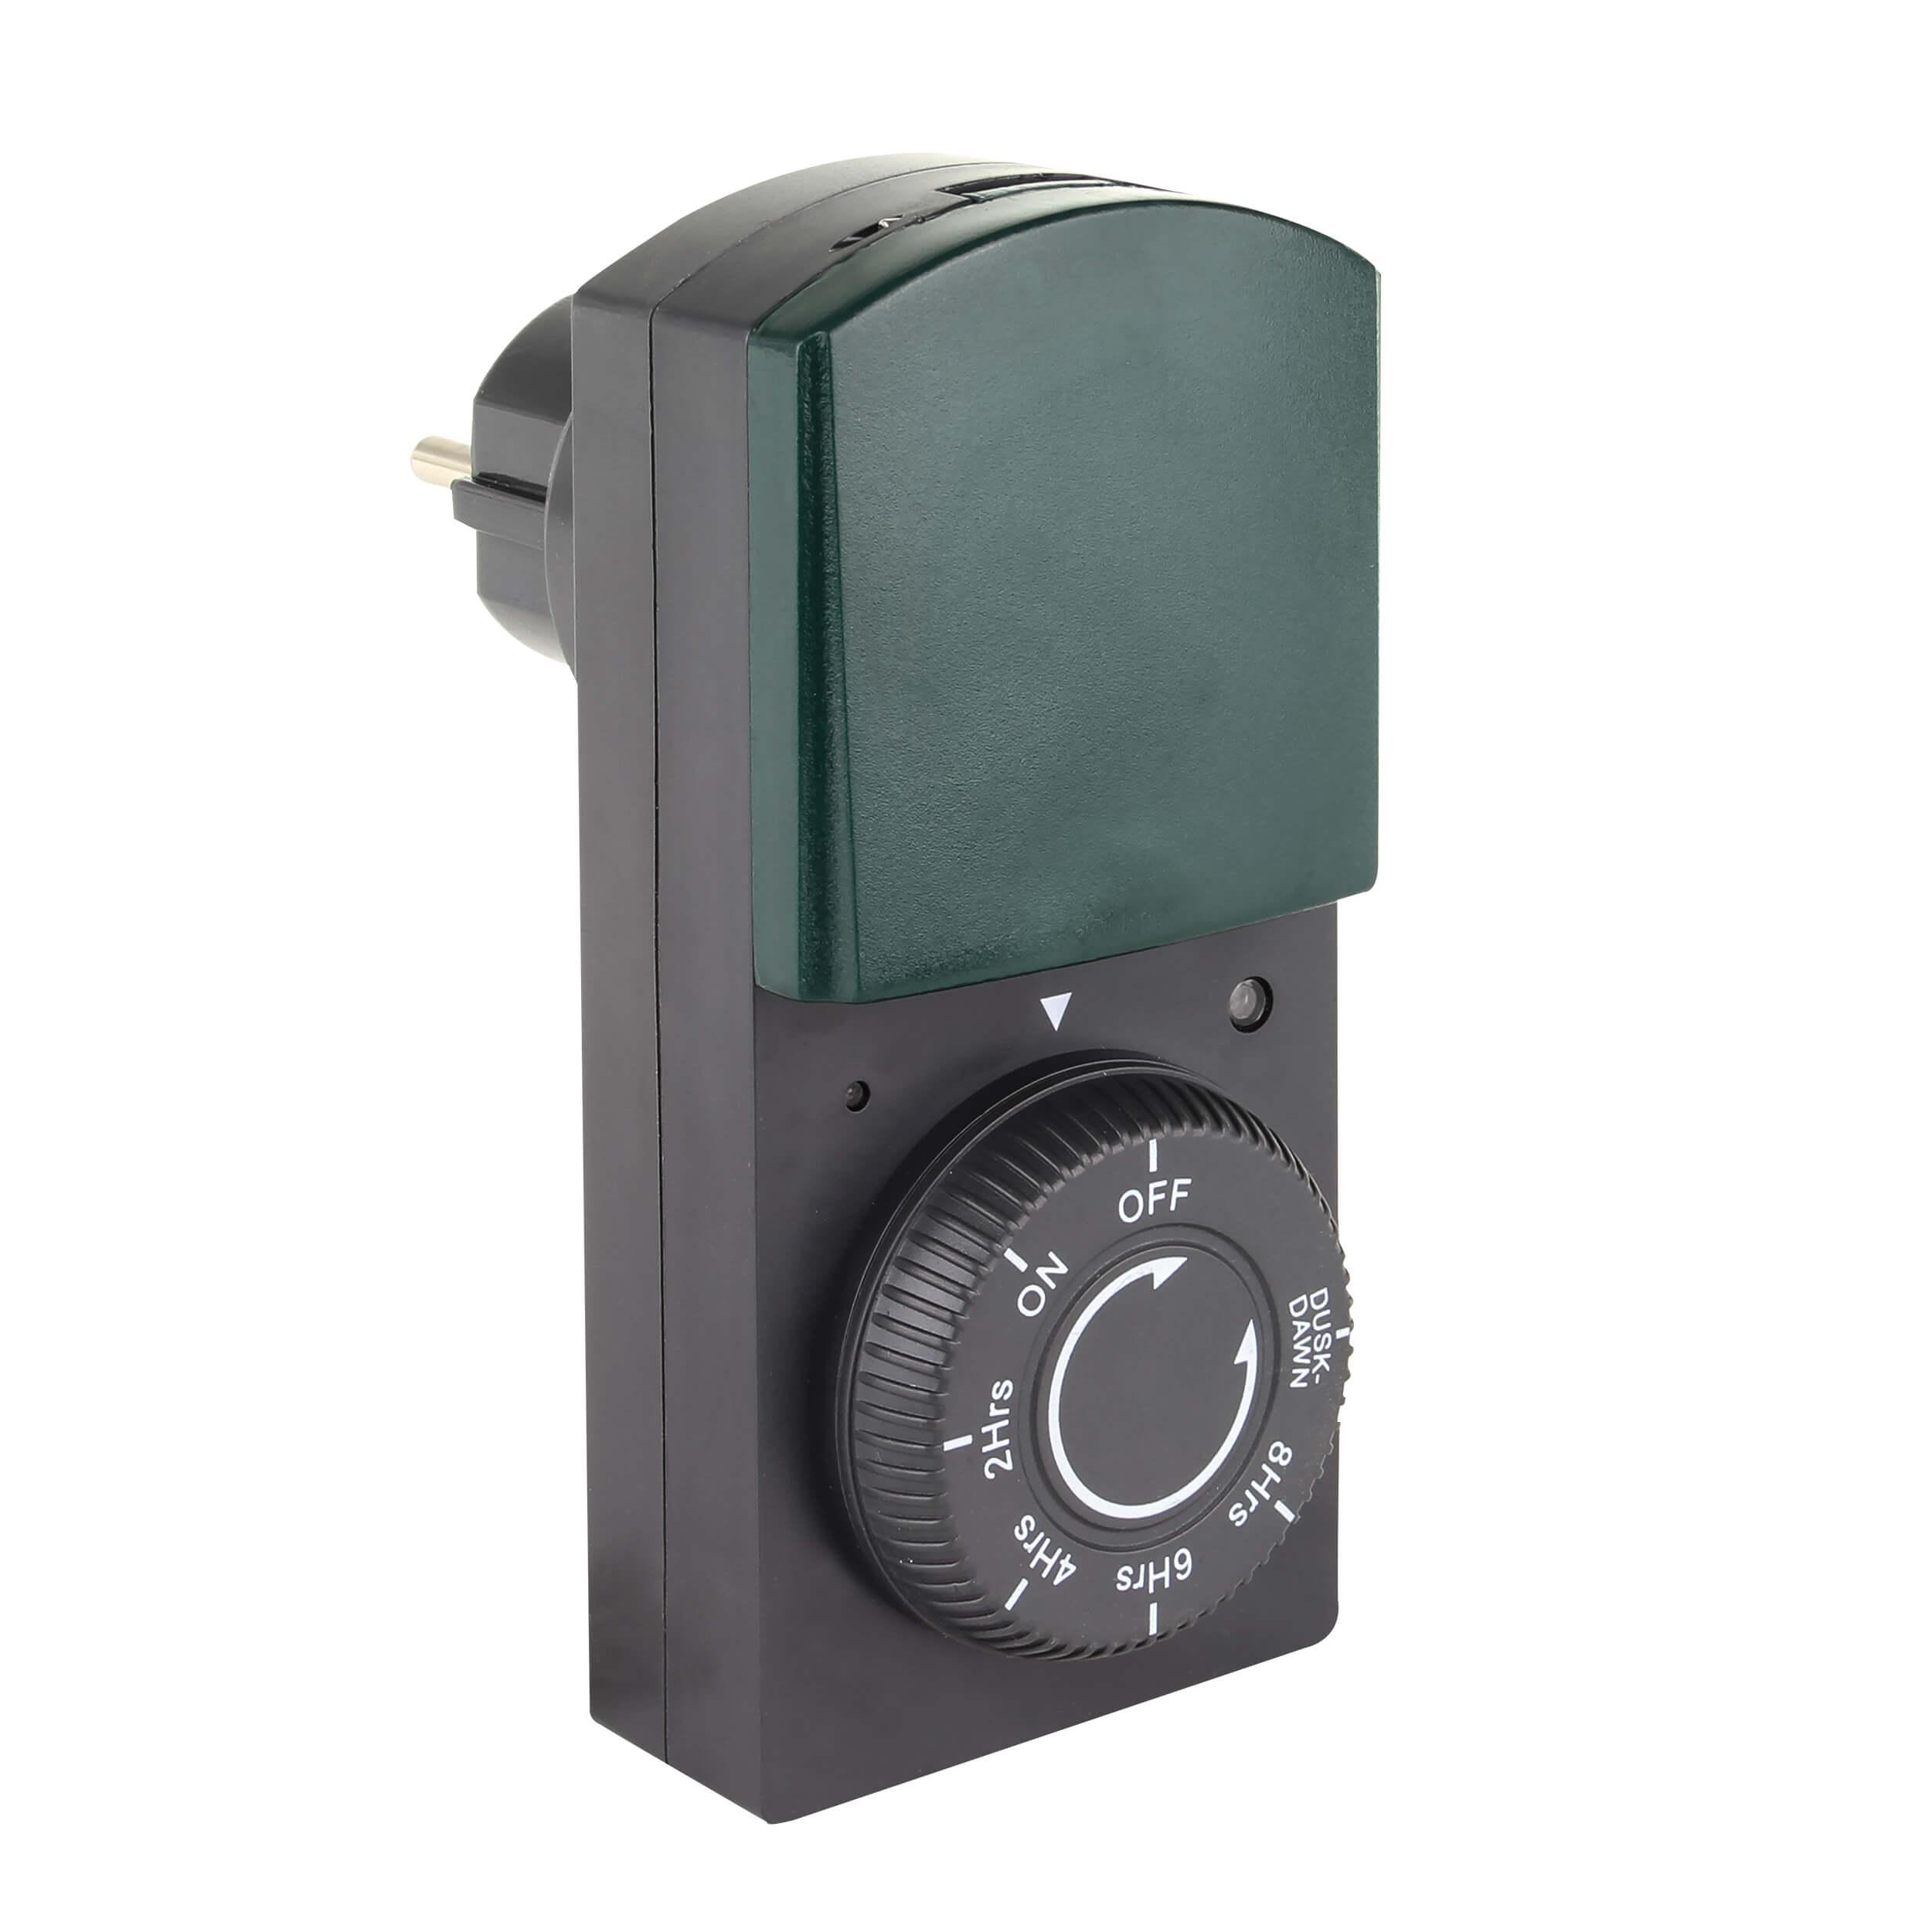 Zeitschaltuhr mechanisch mit Dämmerungs- und Countdownfunktion für den Außenbereich, IP44, bis 1000W